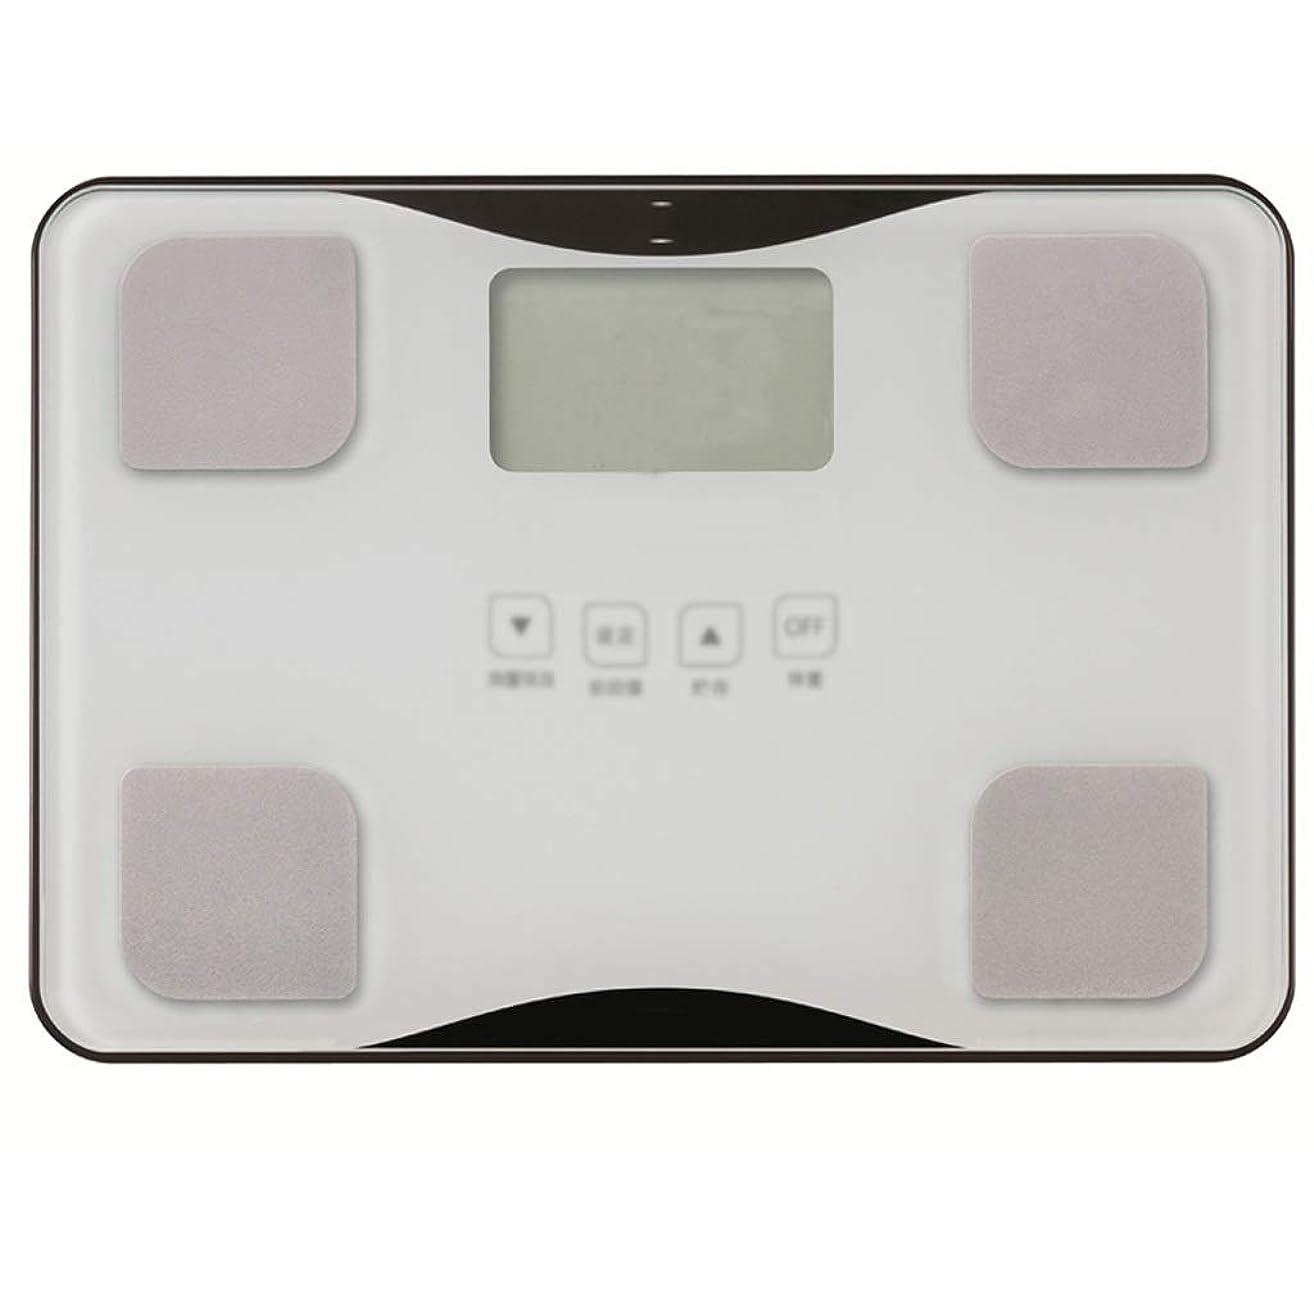 読書疼痛食欲体重計ポータブル電子体重計女性の世帯の小さな体脂肪と呼ばれる正確な人体 ZHJING (Color : White)